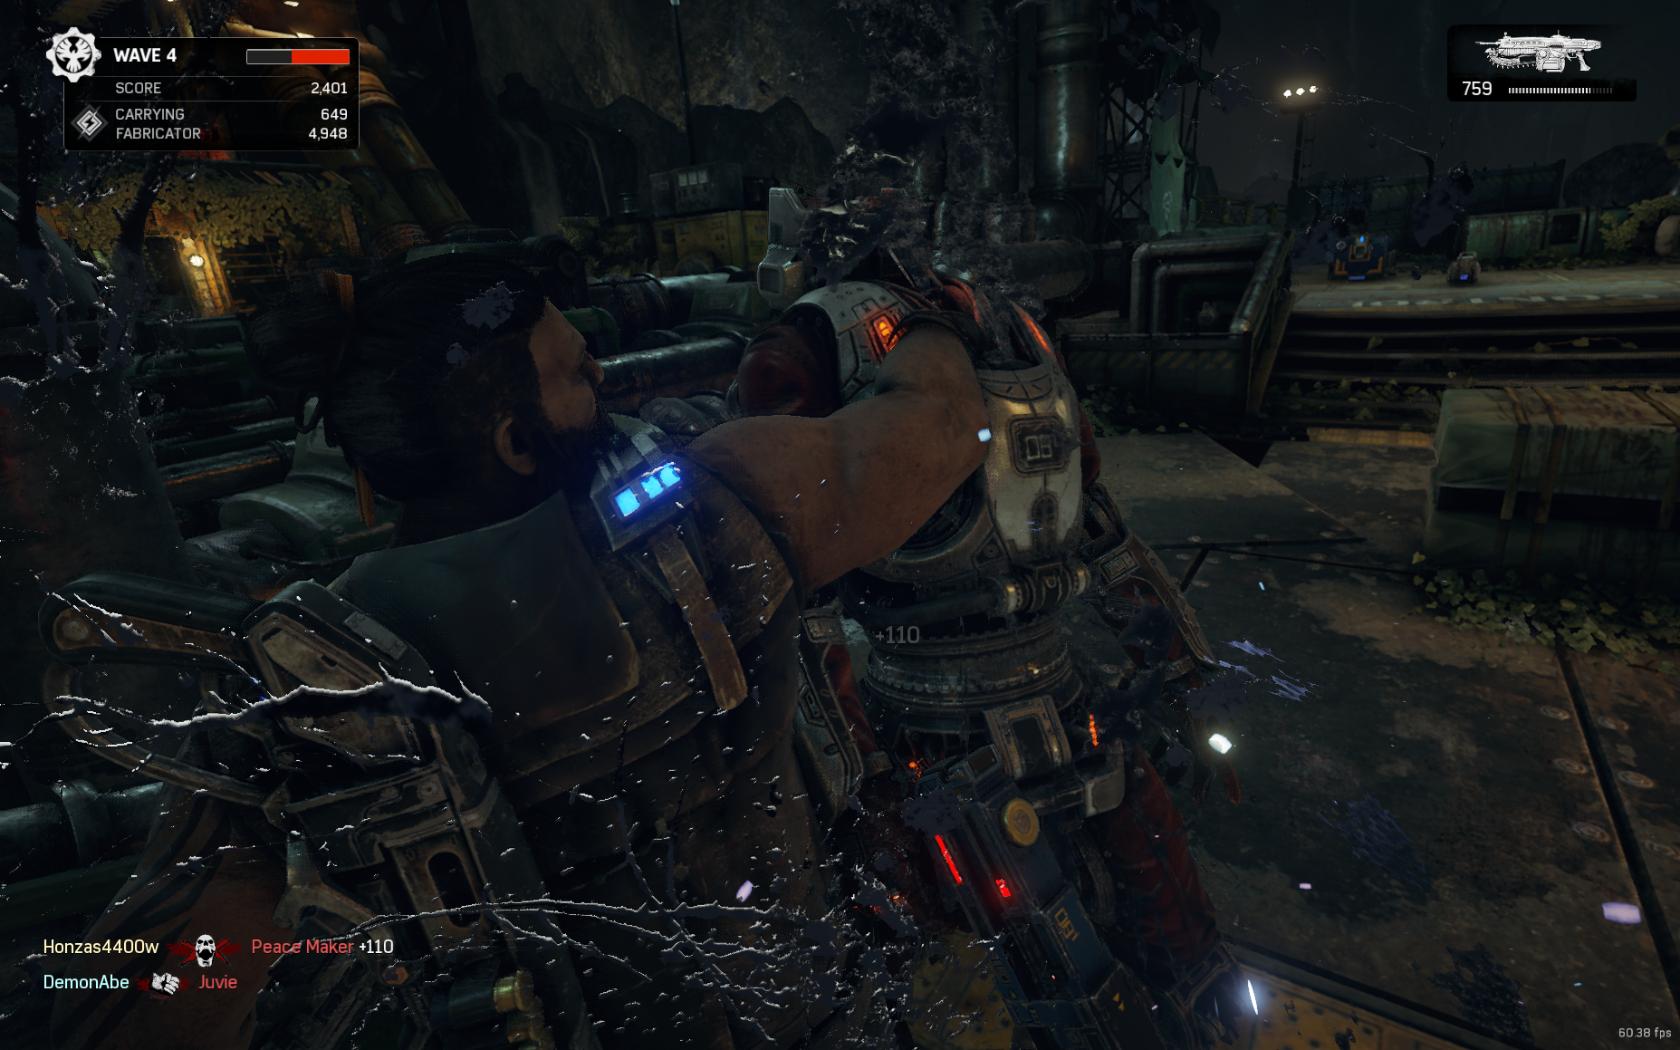 PC verze Gears of War 4 si zaslouží velkou pochvalu 131744